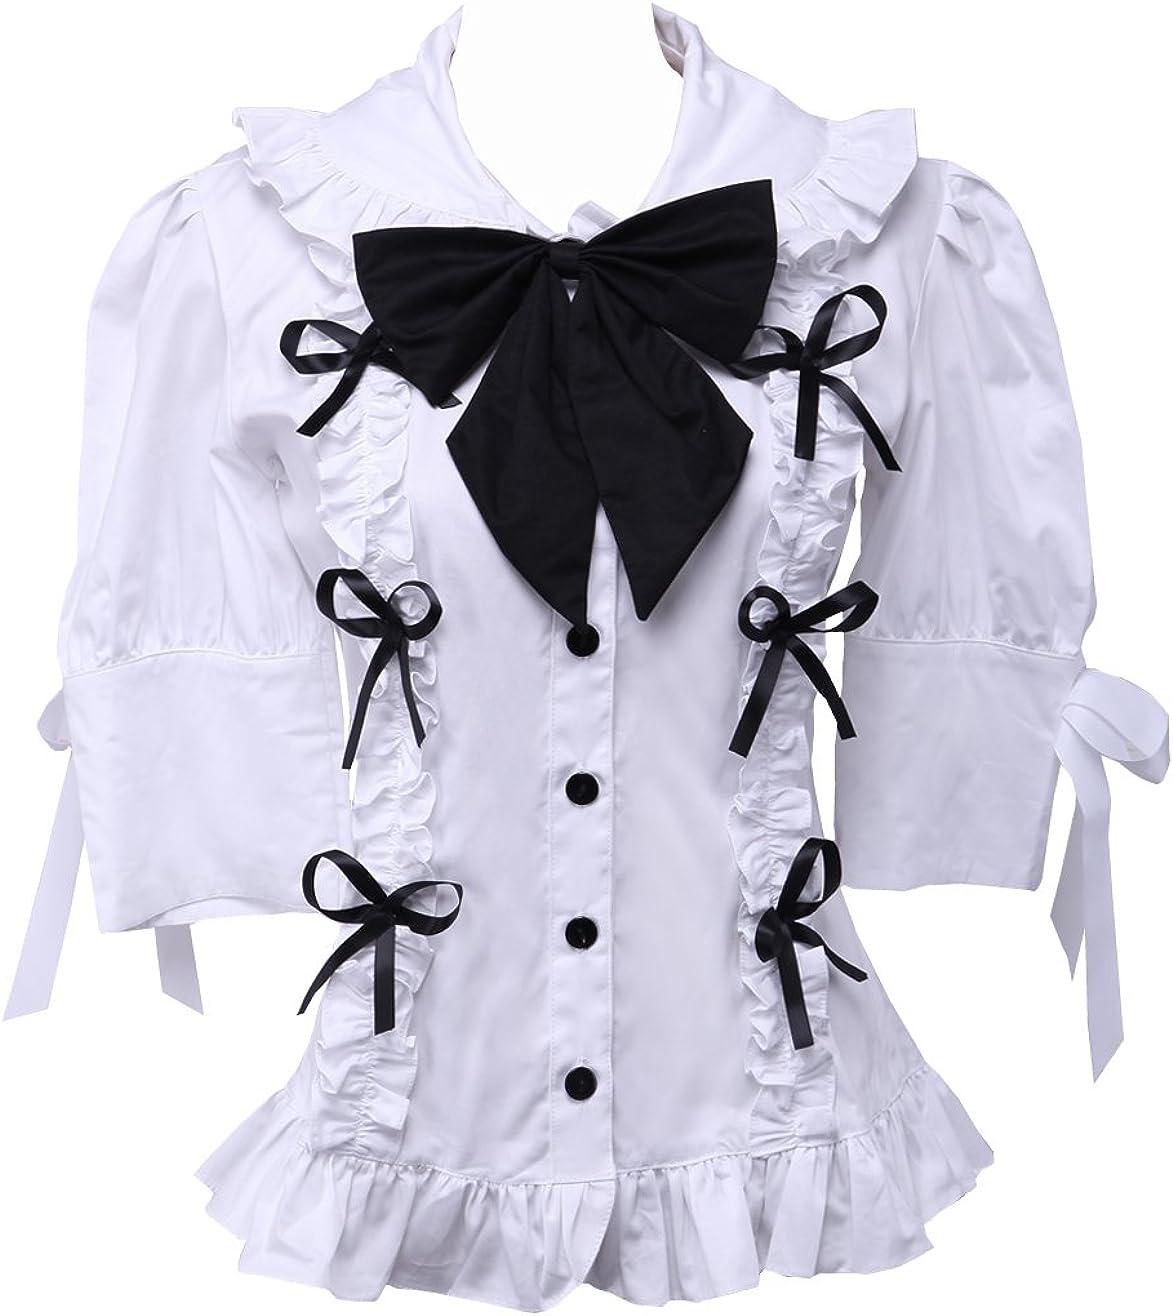 an*tai*na* Blanca Algodón Volantes Encaje Bow Tie Kawaii Victoriana Lolita Camisa Blusa de Mujer: Amazon.es: Ropa y accesorios